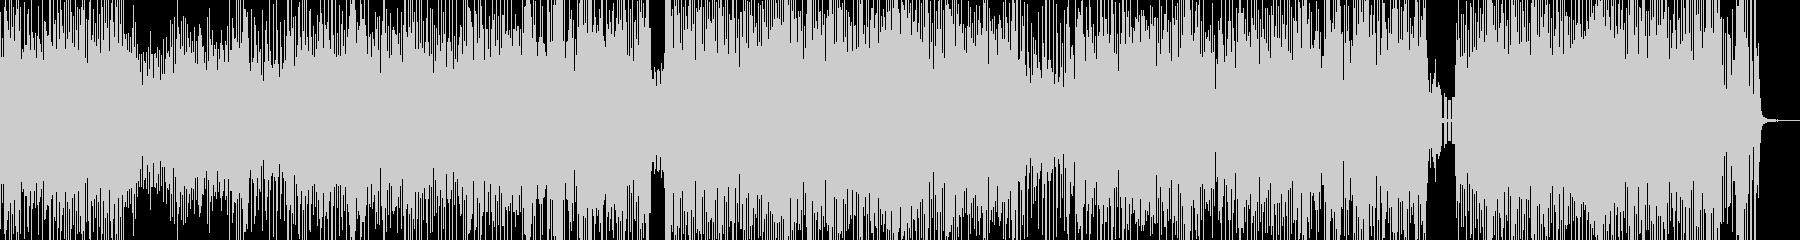 クセになるメロディの三味線テクノ 短尺の未再生の波形